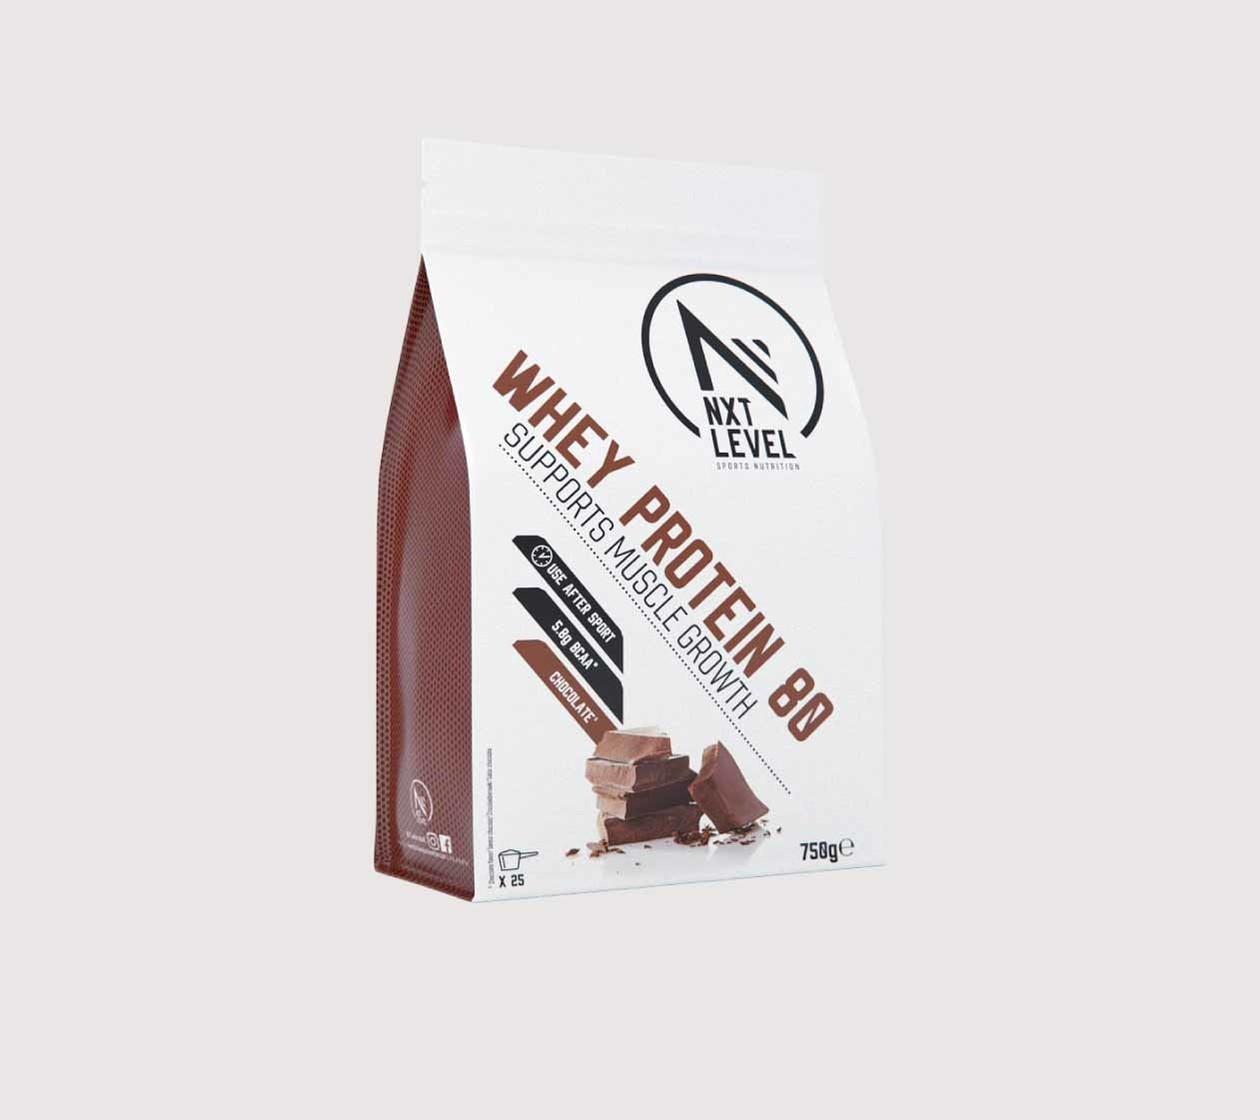 Whey Protein 80 (750g) - Choisissez parmi 3 saveurs